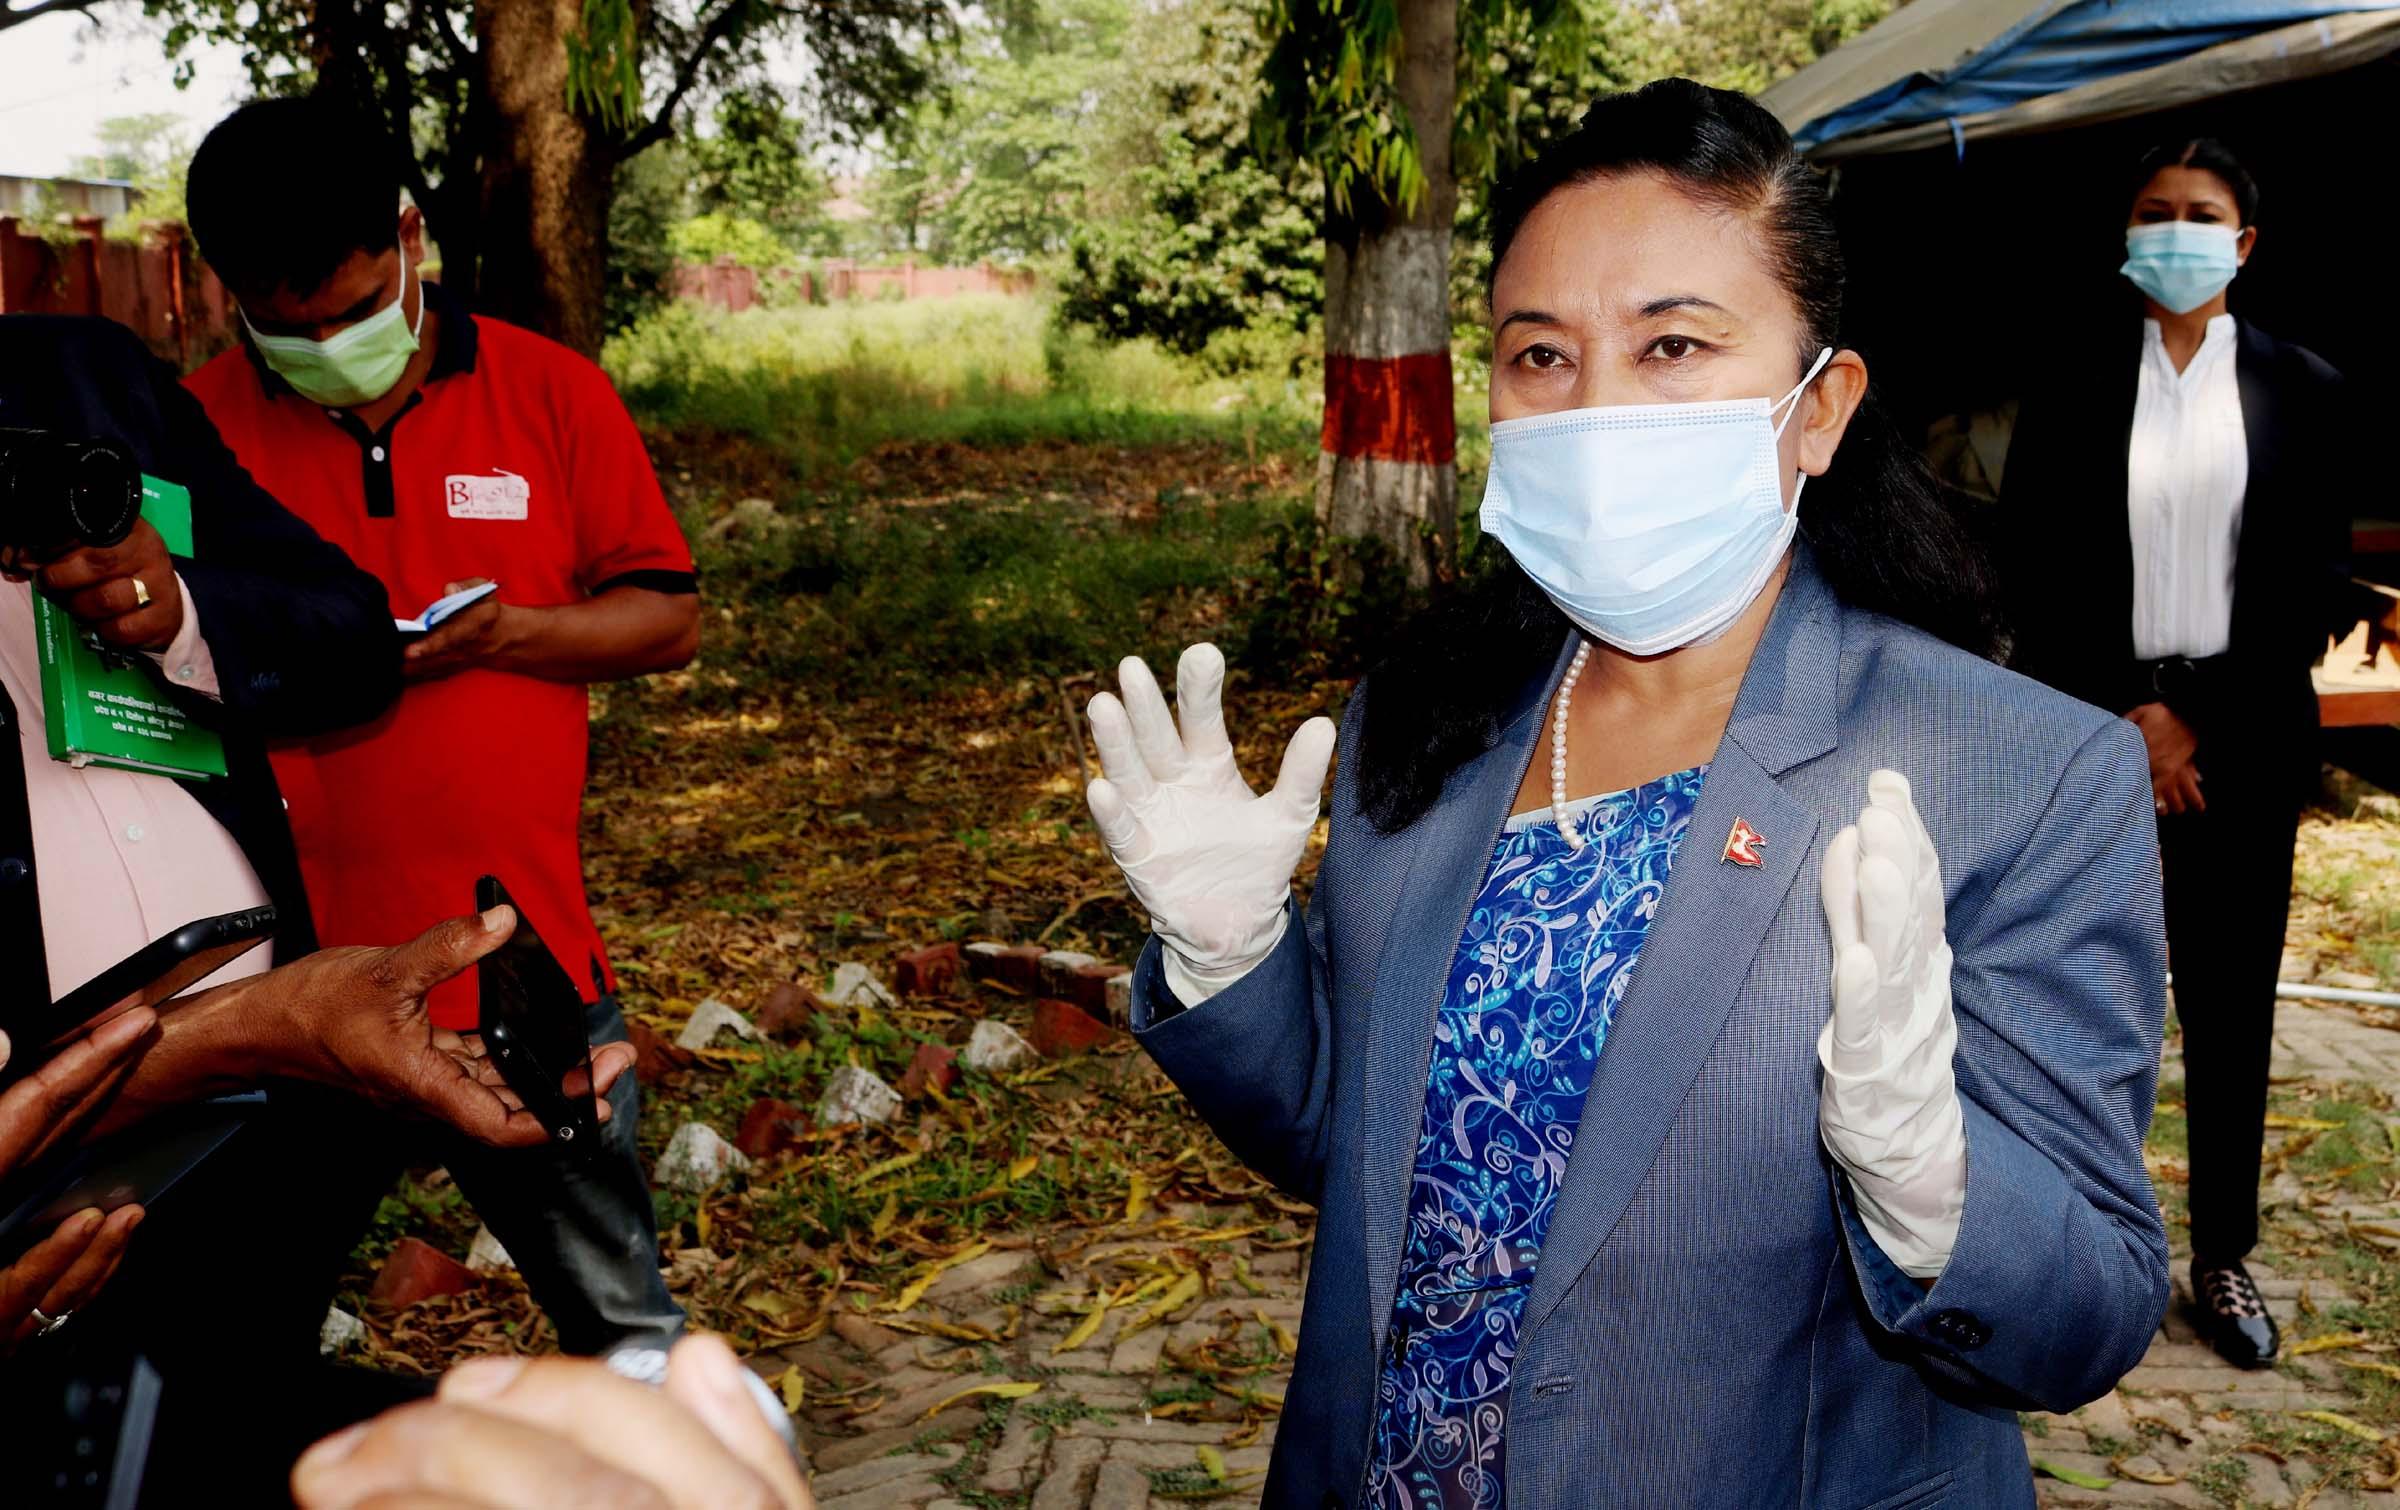 कोभिड अस्पताललाई तयारी अवस्थामा राखेका छौँ : मन्त्री राई